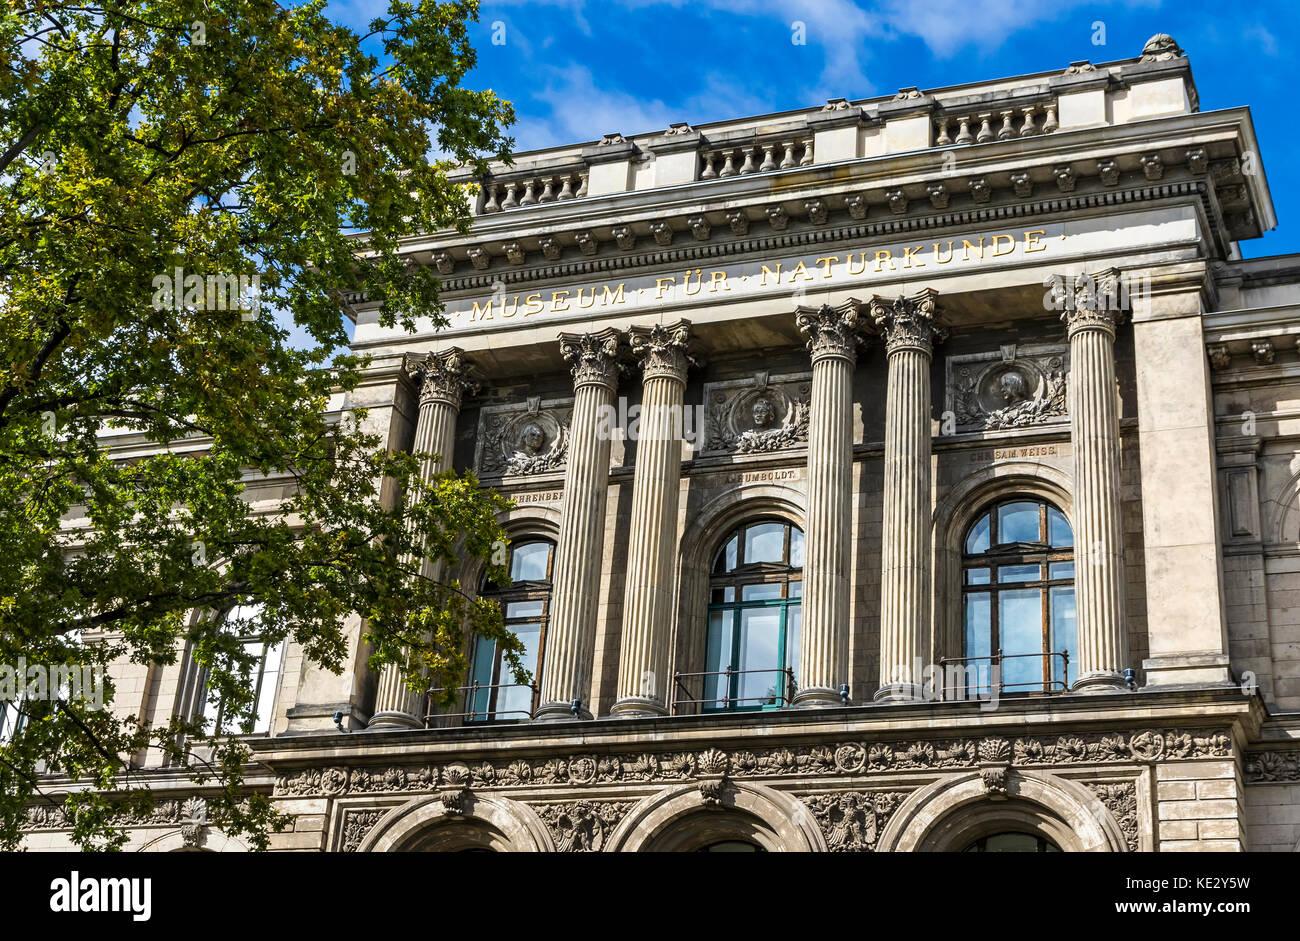 Fachada del museo de historia natural de Berlín (museum fur naturkunde). creado en 1810, alberga a muchos más Imagen De Stock